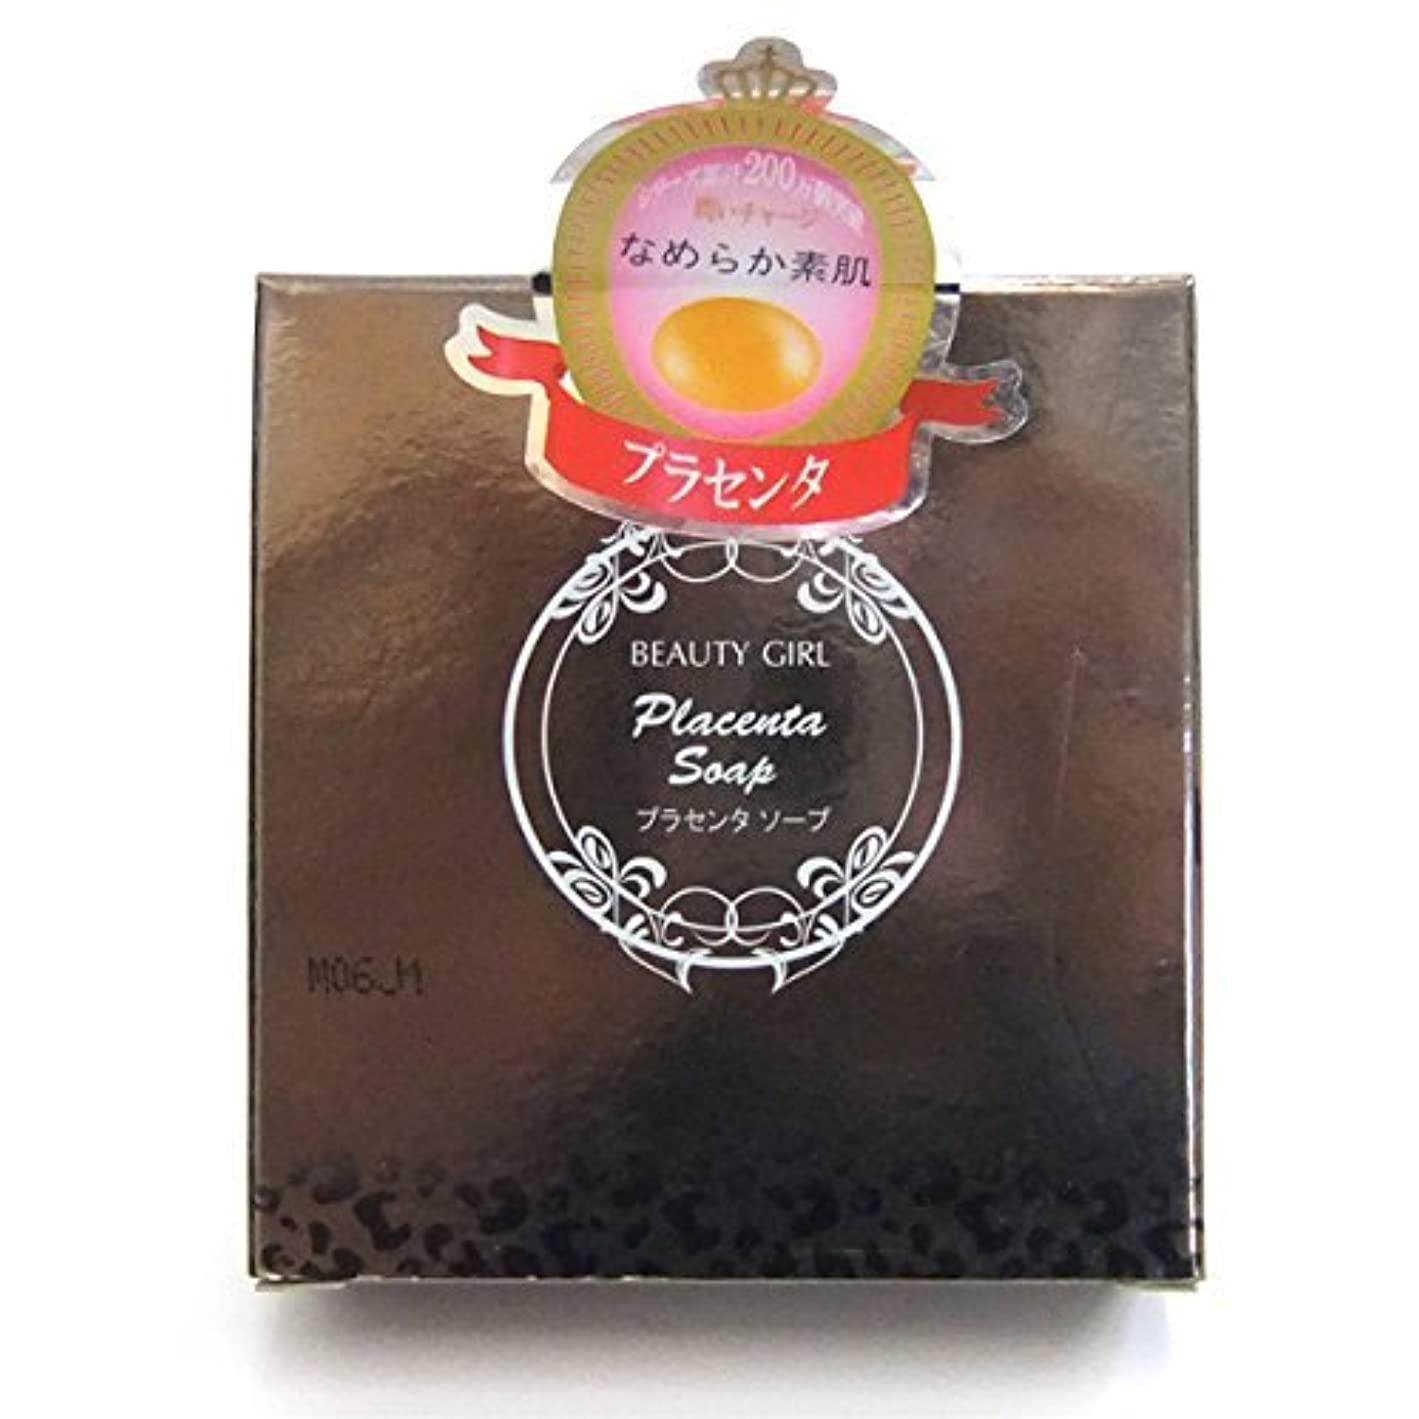 メンテナンスぬれた守るBenoa プラセンタソープ 80g[プラセンタ 石鹸](5個セット)